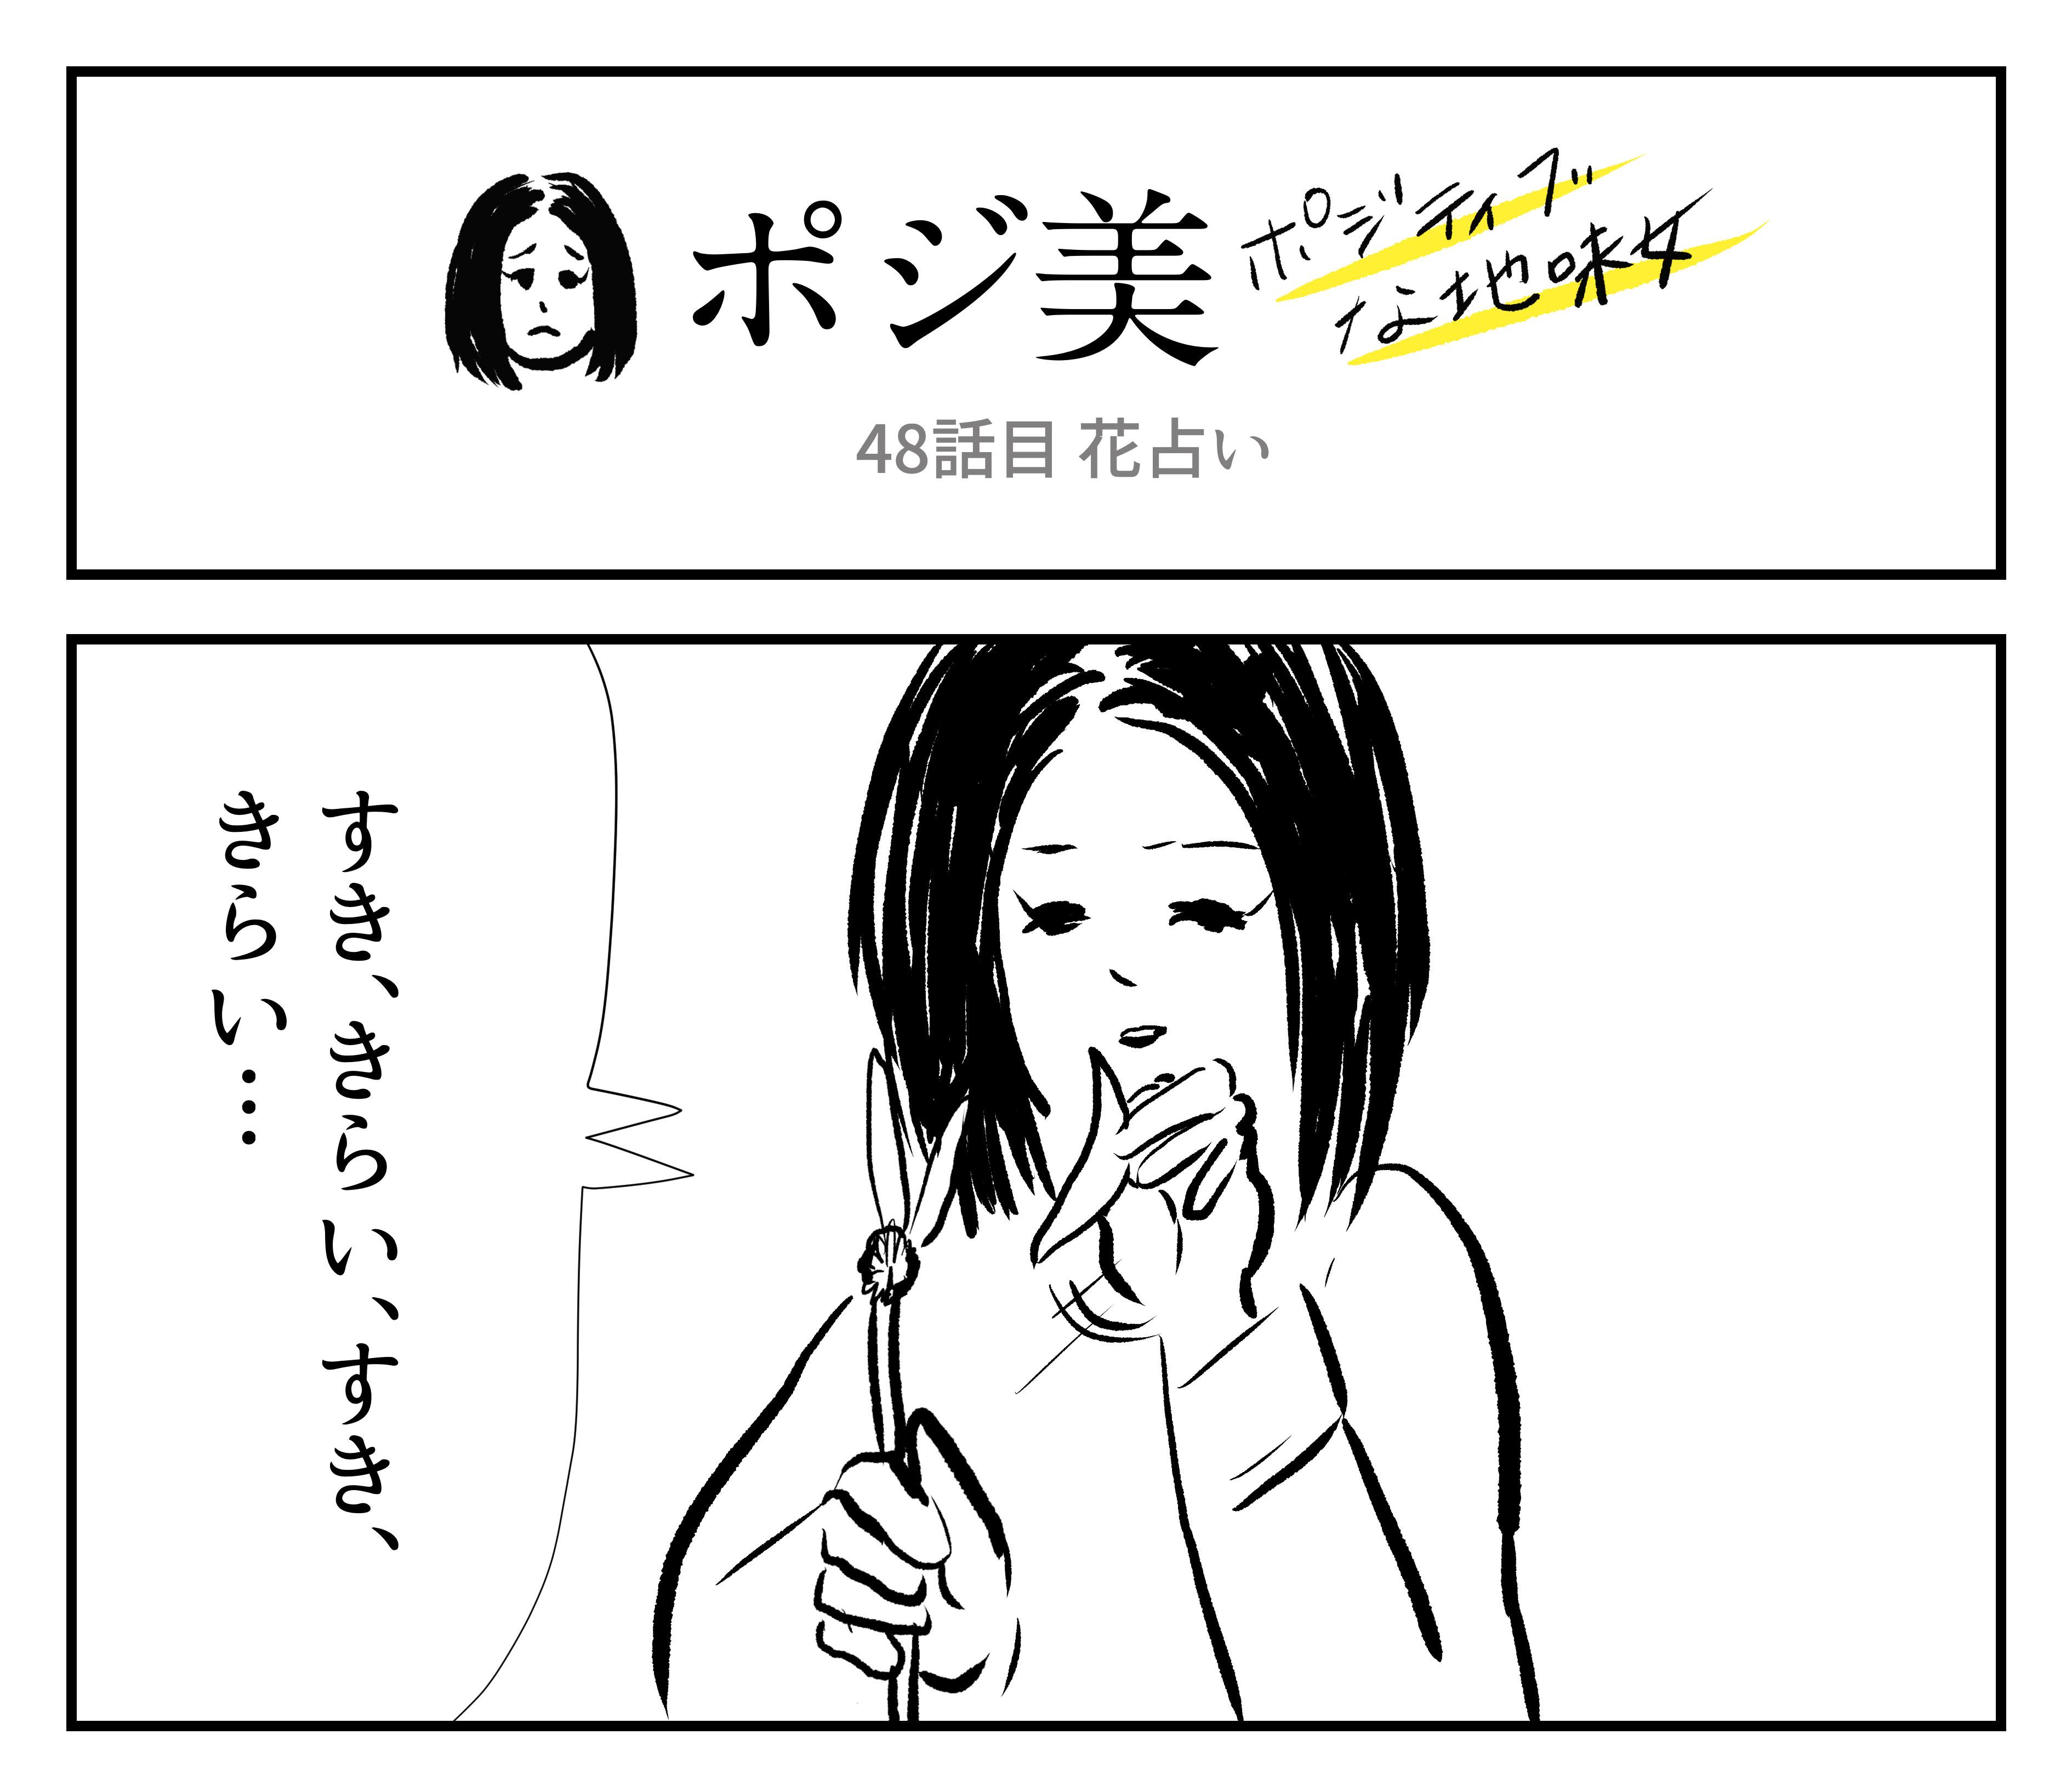 【2コマ】ポジ美 48話目「花占い」